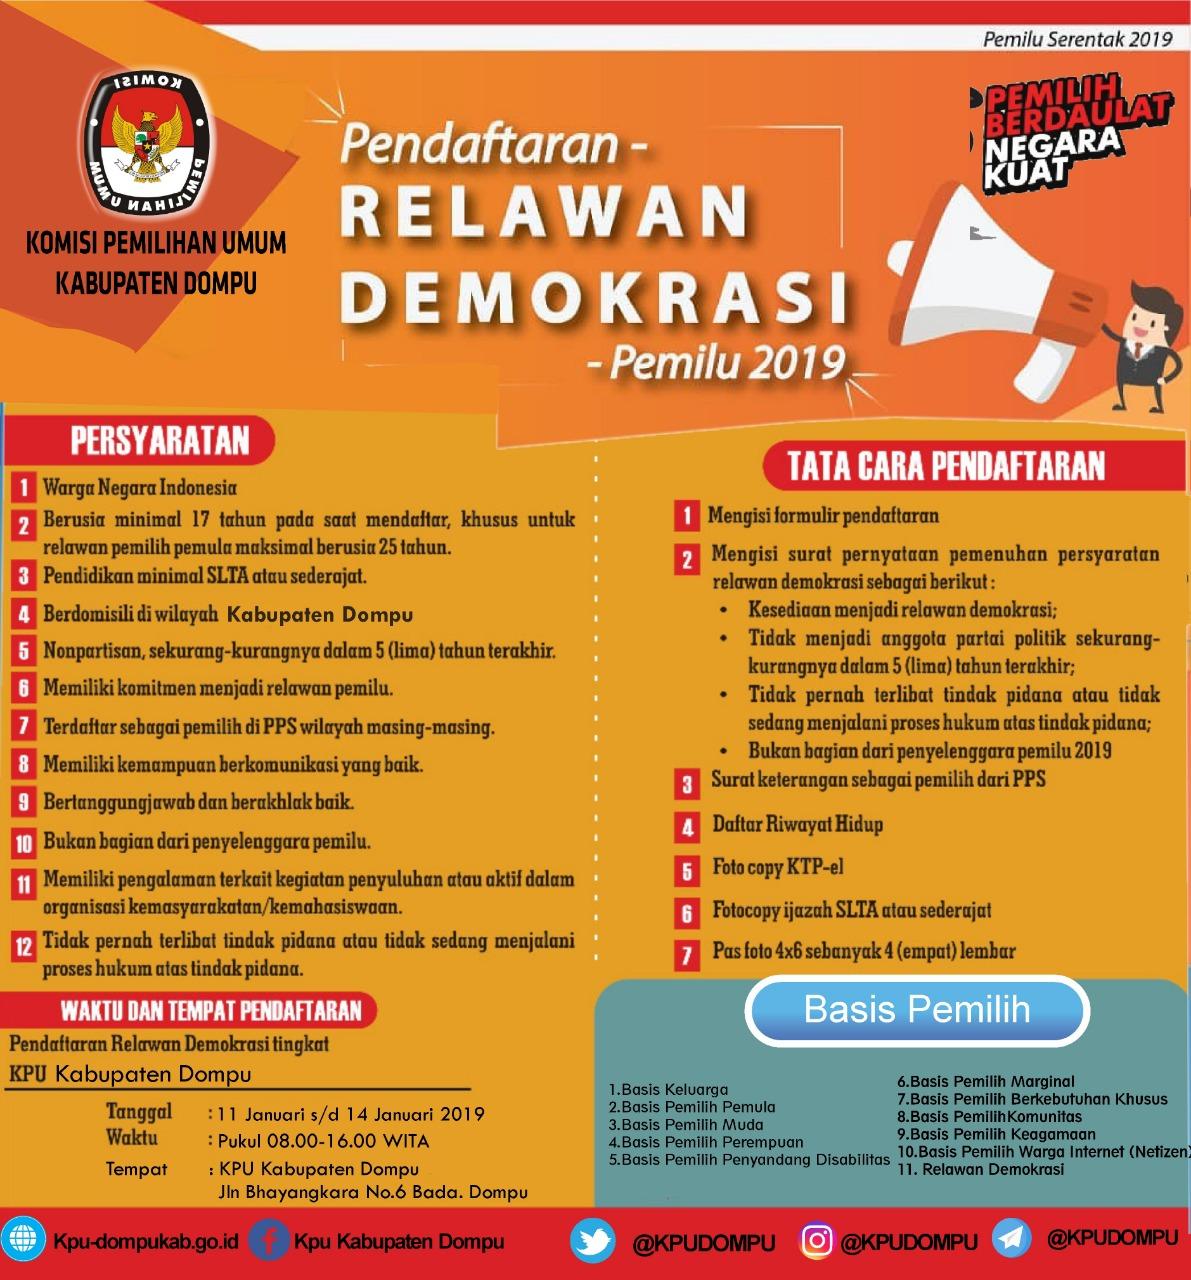 Kpu Kabupaten Dompu